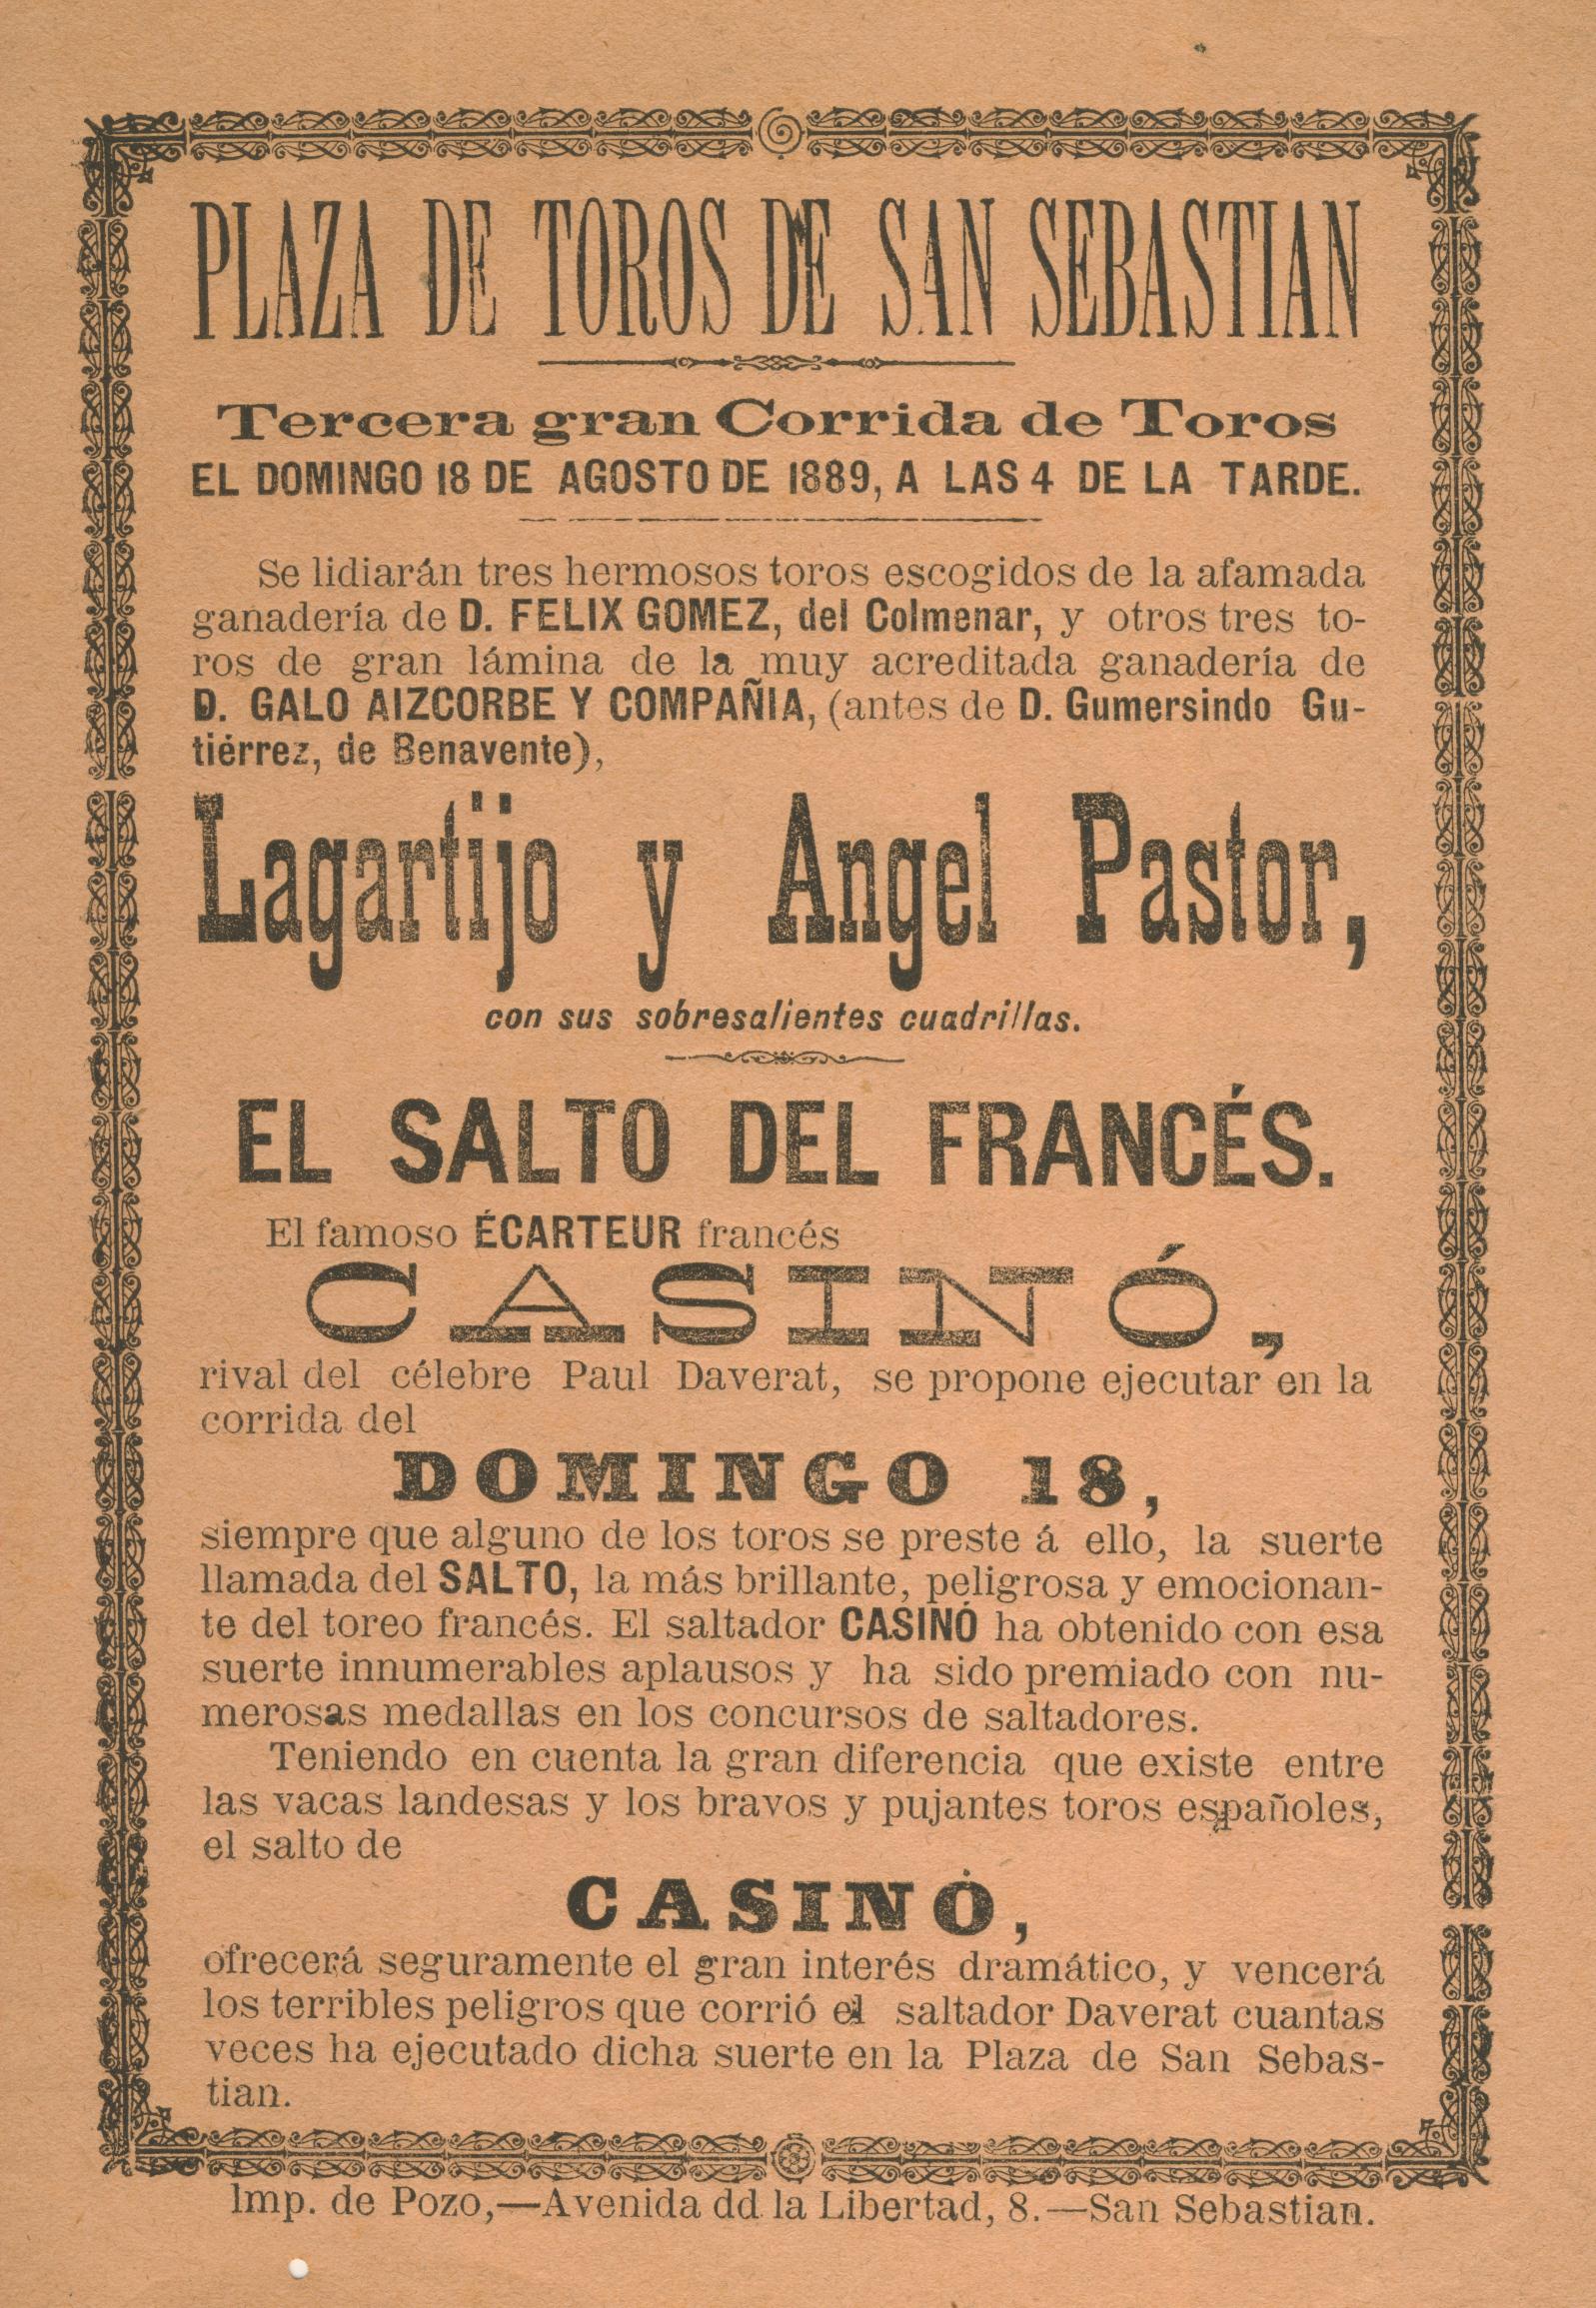 casino_1889_2.jpg